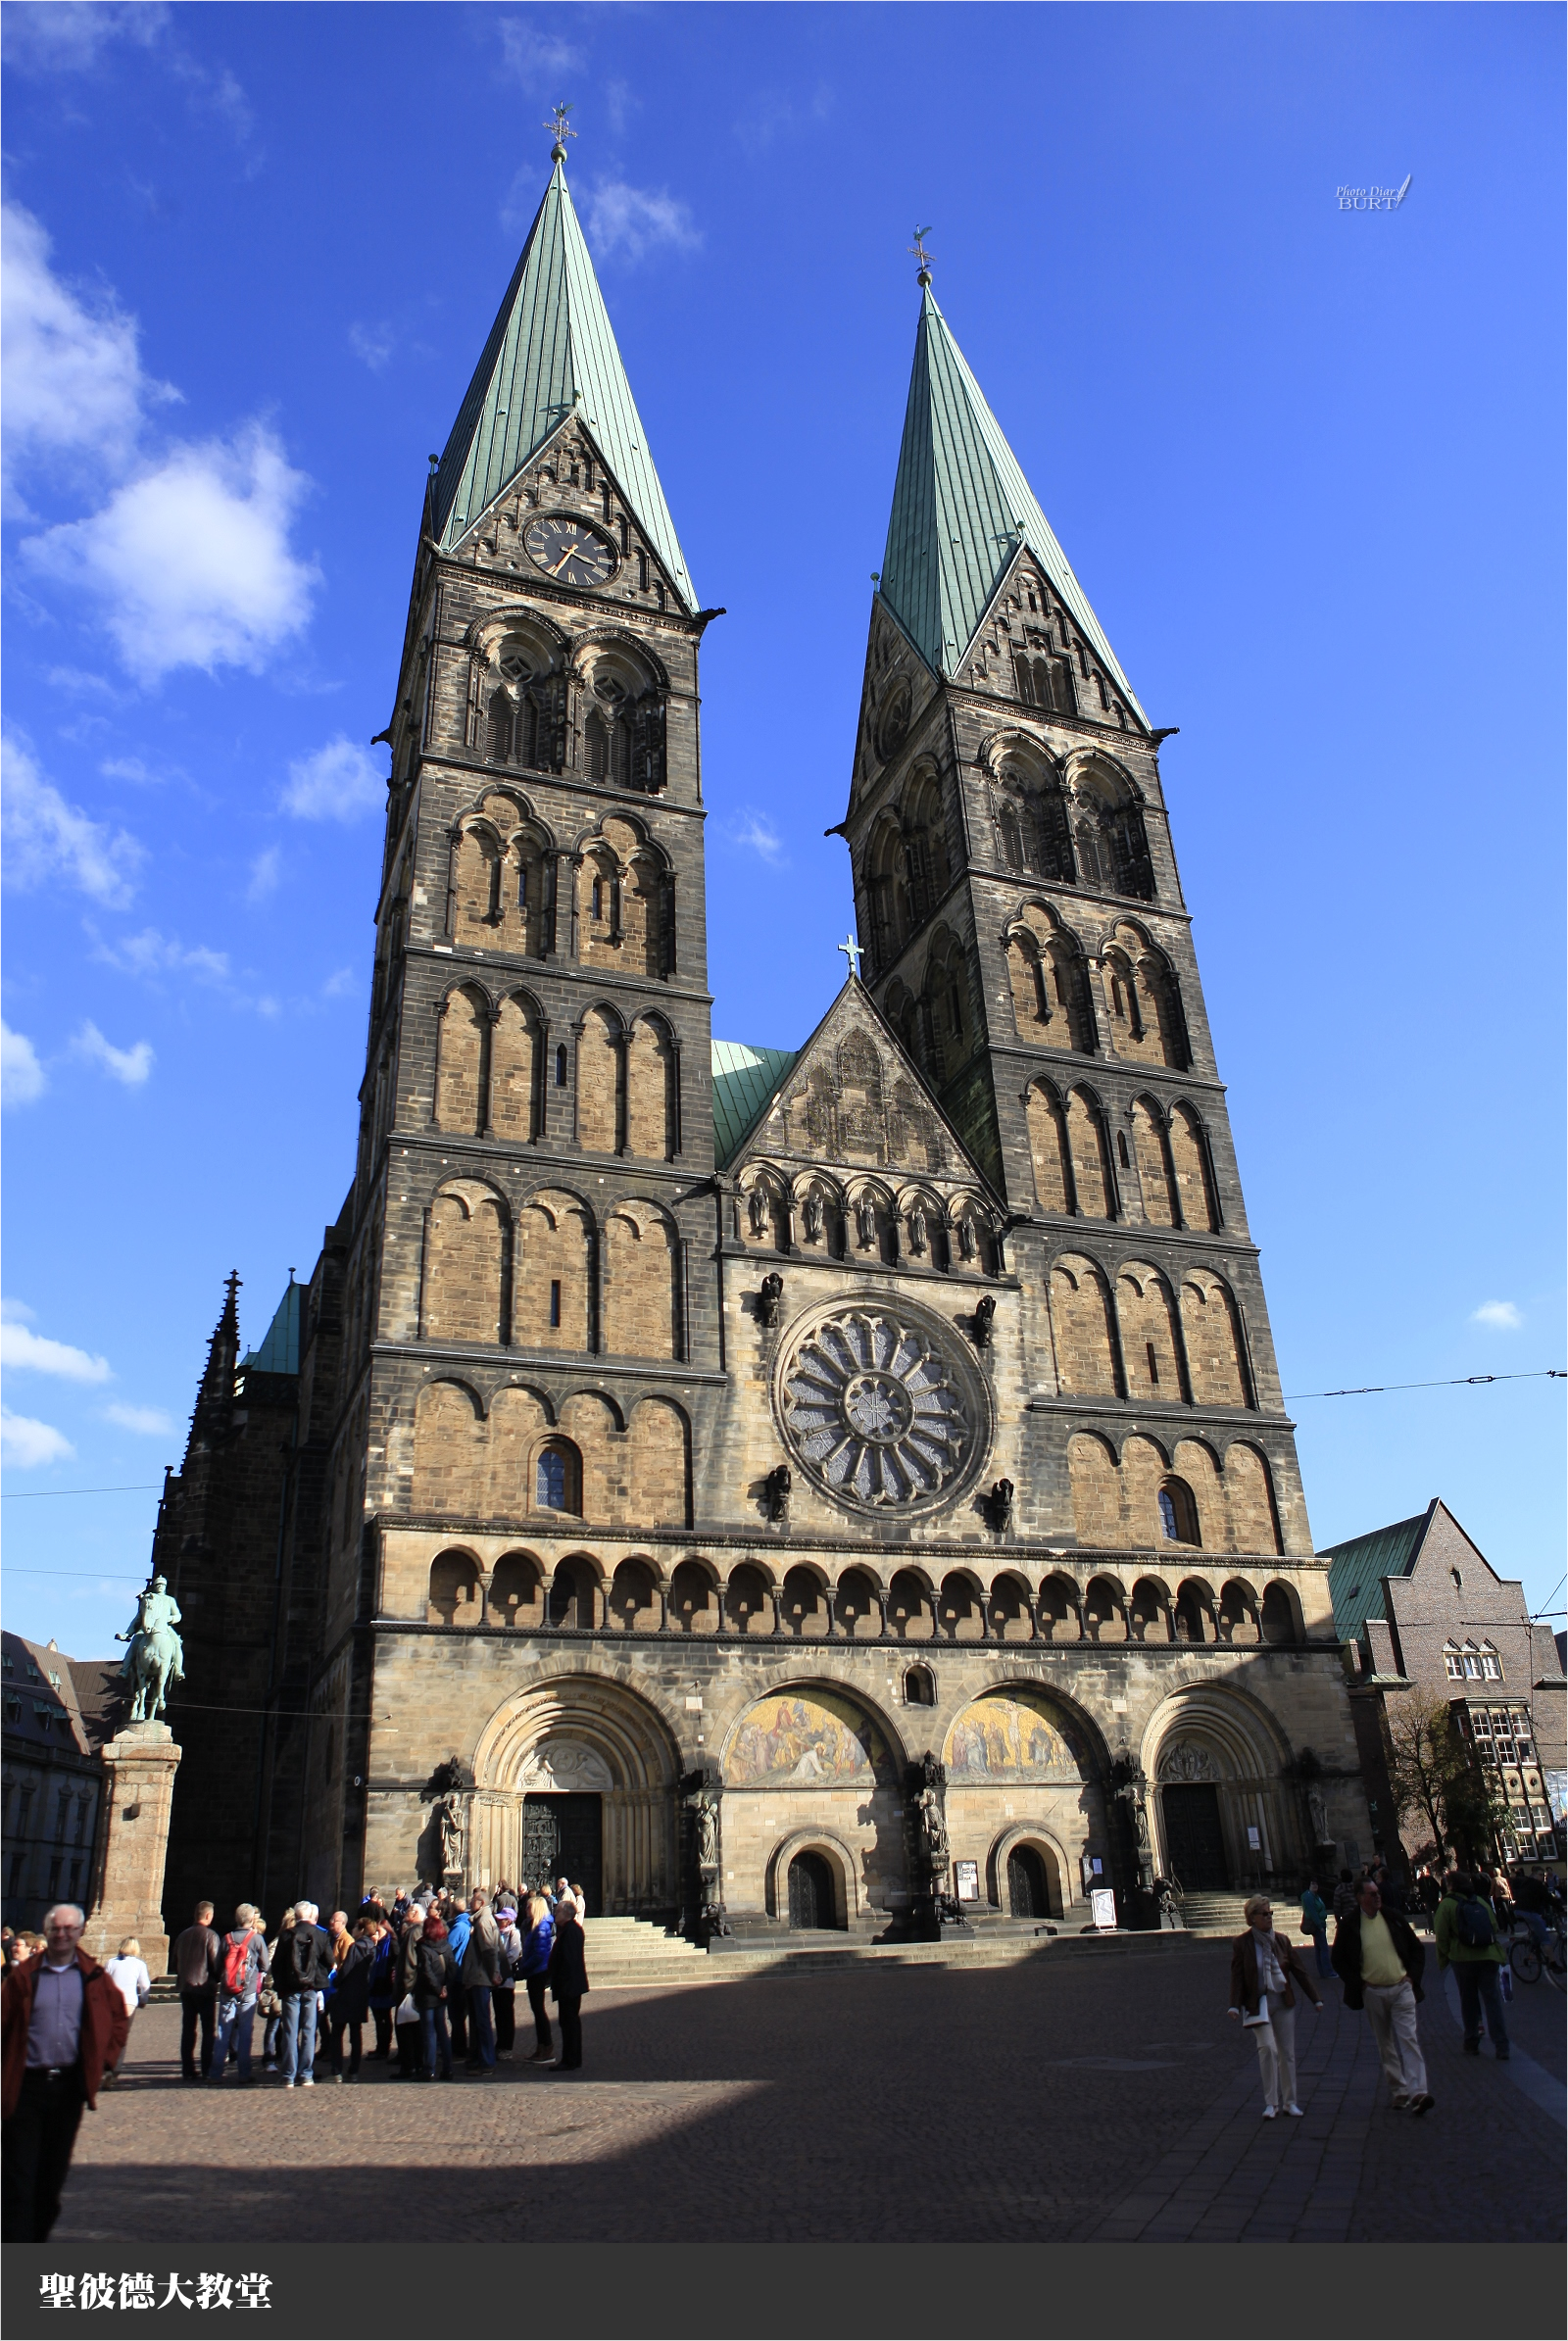 聖彼德教堂